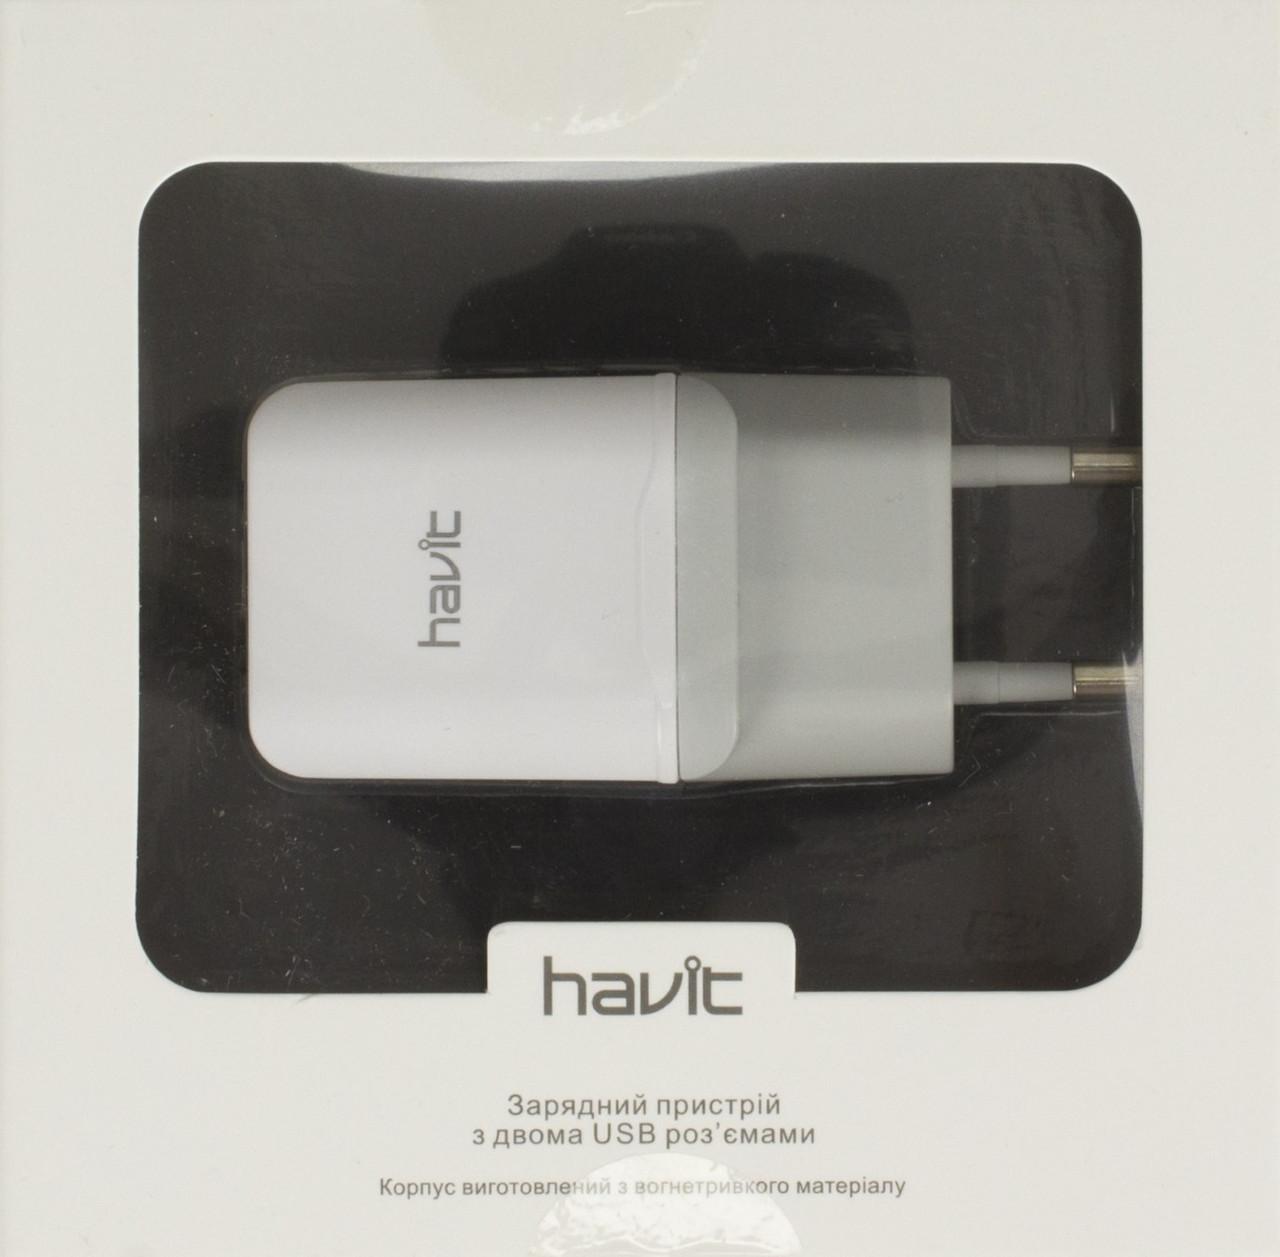 Пристрій зарядний Havit №HV-H112 для мобіл. телеф. 2USB, microUSB 2,1A white